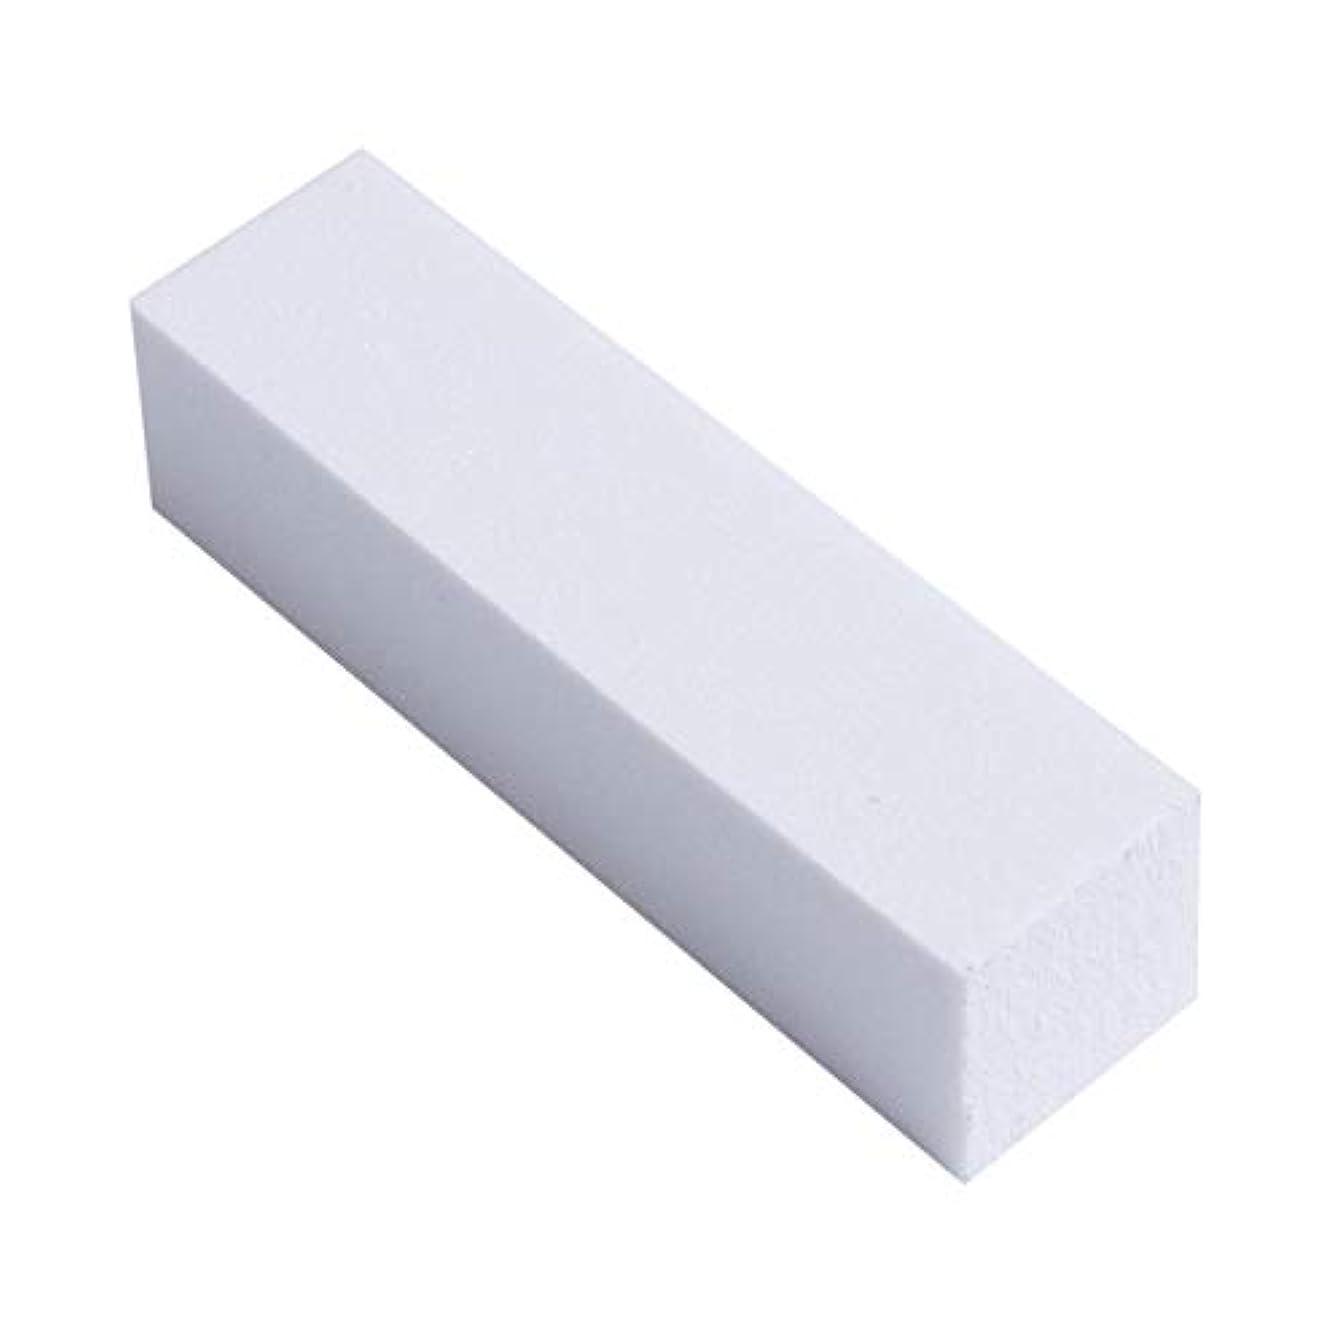 準備する壁促す爪やすり 爪磨き ネイルケア ネイルファイル ネイルシャイナ スポンジ つめみがき バッファー 4面タイプ 光沢出し 10本セット